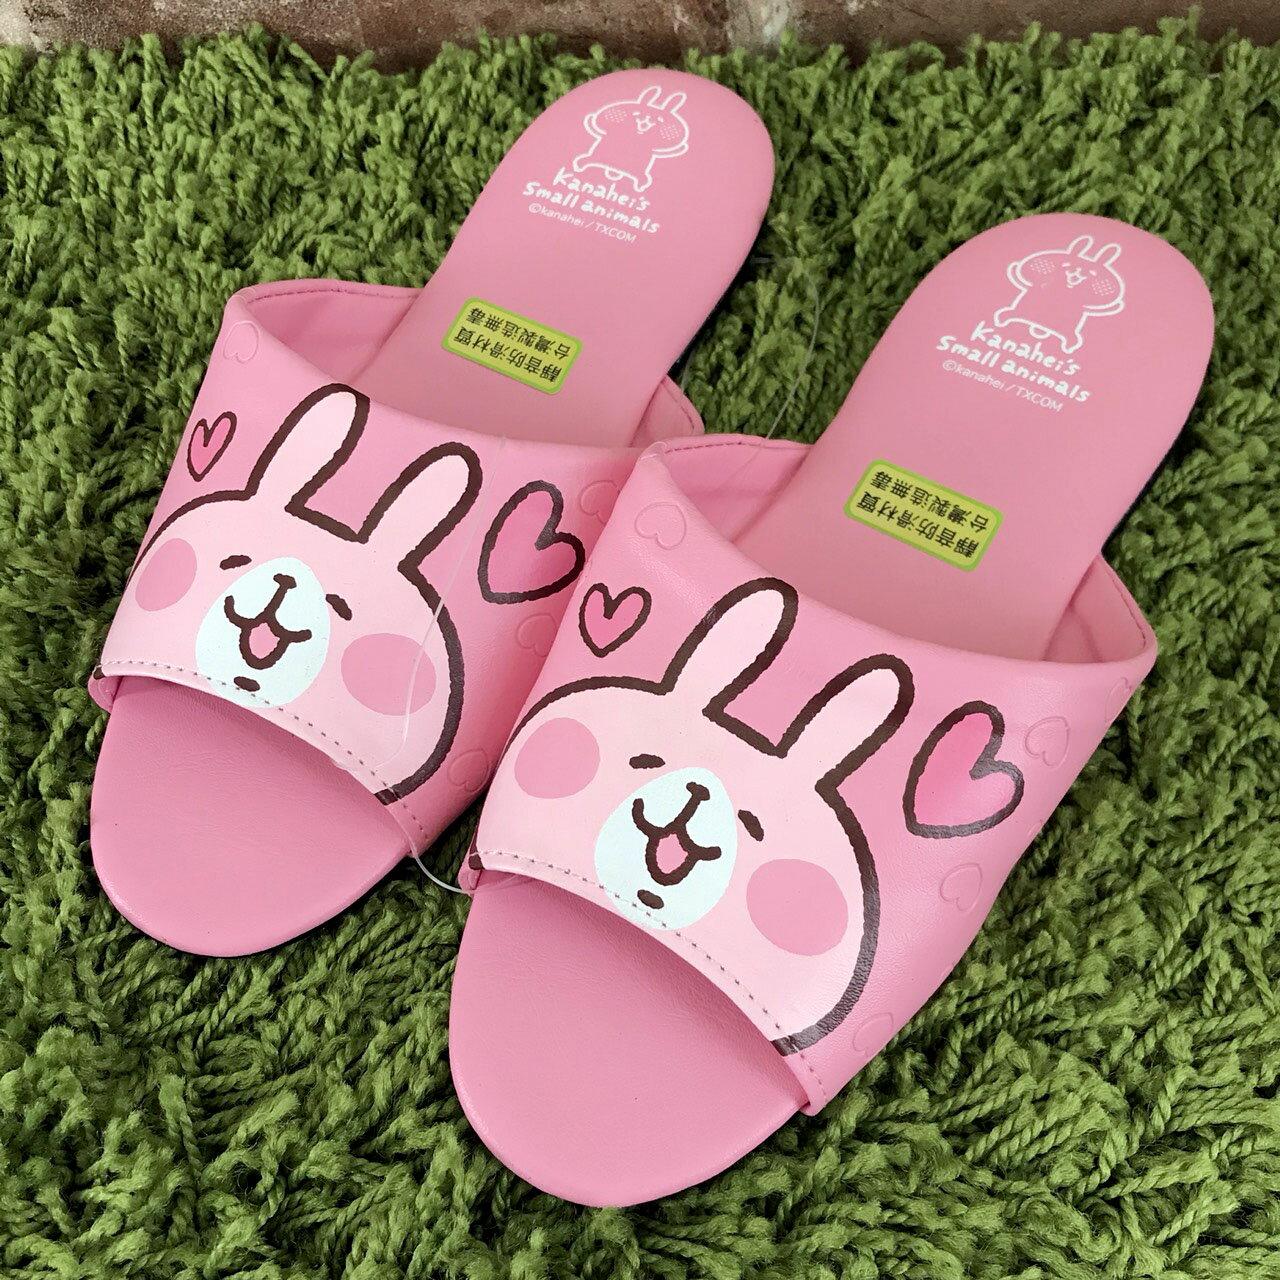 【真愛日本】室內皮拖-愛心粉 卡娜赫拉的小動物 兔兔 P助 室內拖鞋 皮拖 拖鞋 底部防滑 冬季必備